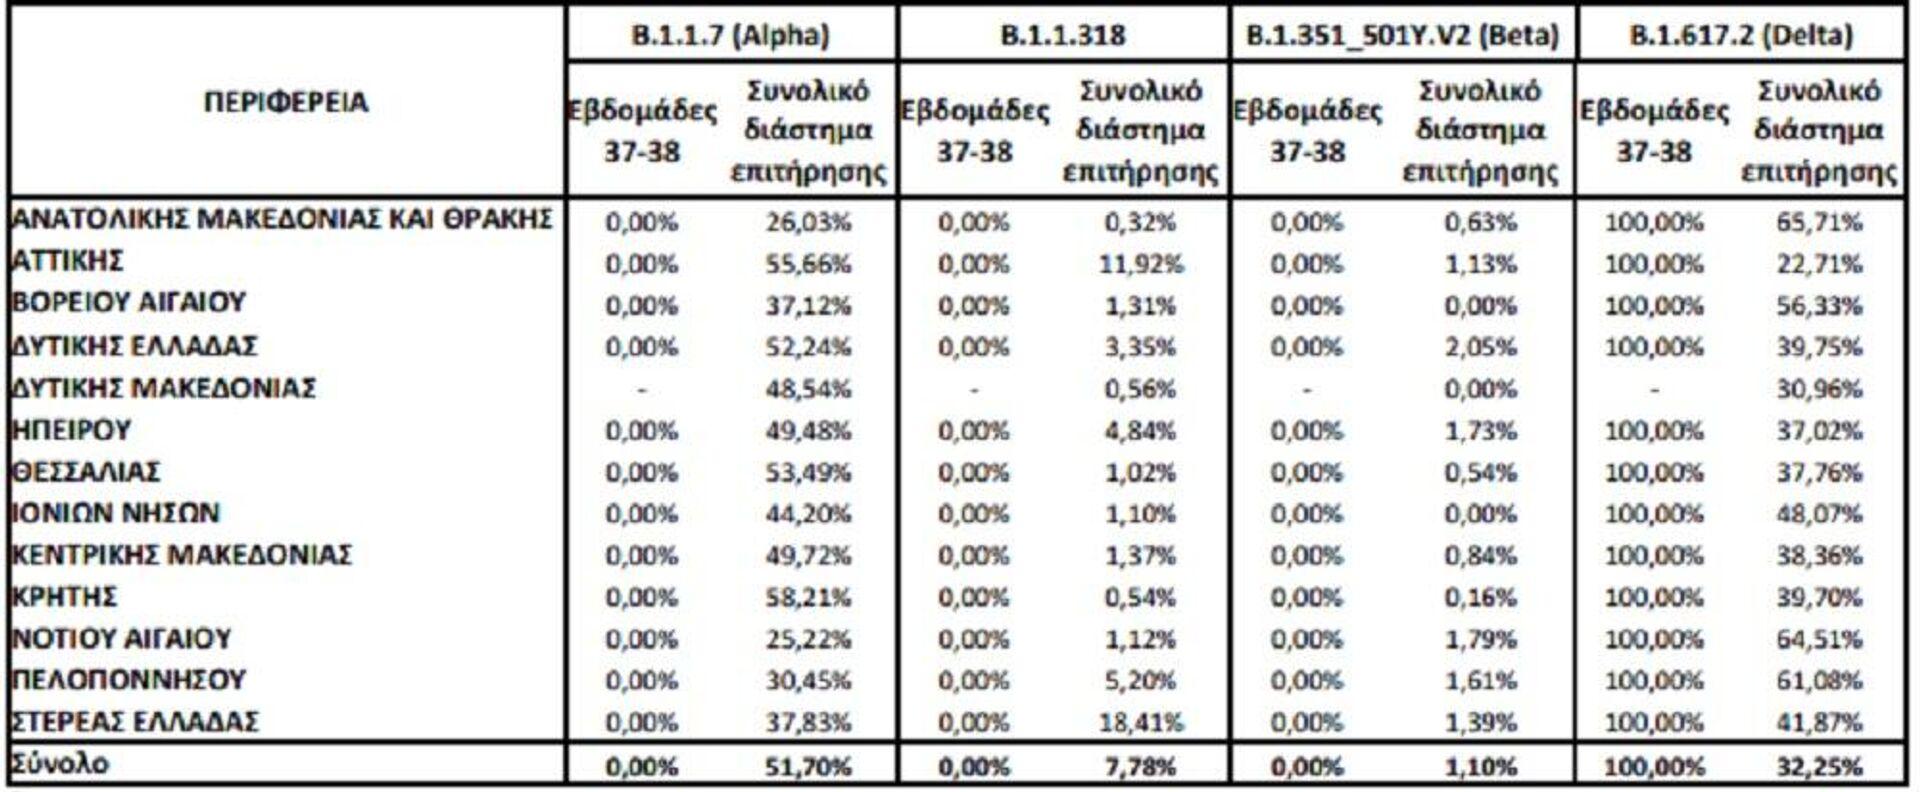 Ποσοστό εγχώριων θετικών δειγμάτων για τα τέσσερα συχνότερα στελέχη ειδικού ενδιαφέροντος ή υπό παρακολούθηση του ιού SARS-CoV-2 επί του συνόλου των ελεγχθέντων δειγμάτων από τυχαία δειγματοληψία, ανά Περιφέρεια για το 15νθήμερο από 13/09/2021 έως 26/09/2021 και για το χρονικό διάστημα από την έναρξη λειτουργίας του Εθνικού Δικτύου Γονιδιωματικής Επιτήρησης του ιού SARS-CoV-2 μέχρι σήμερα - Sputnik Ελλάδα, 1920, 14.10.2021